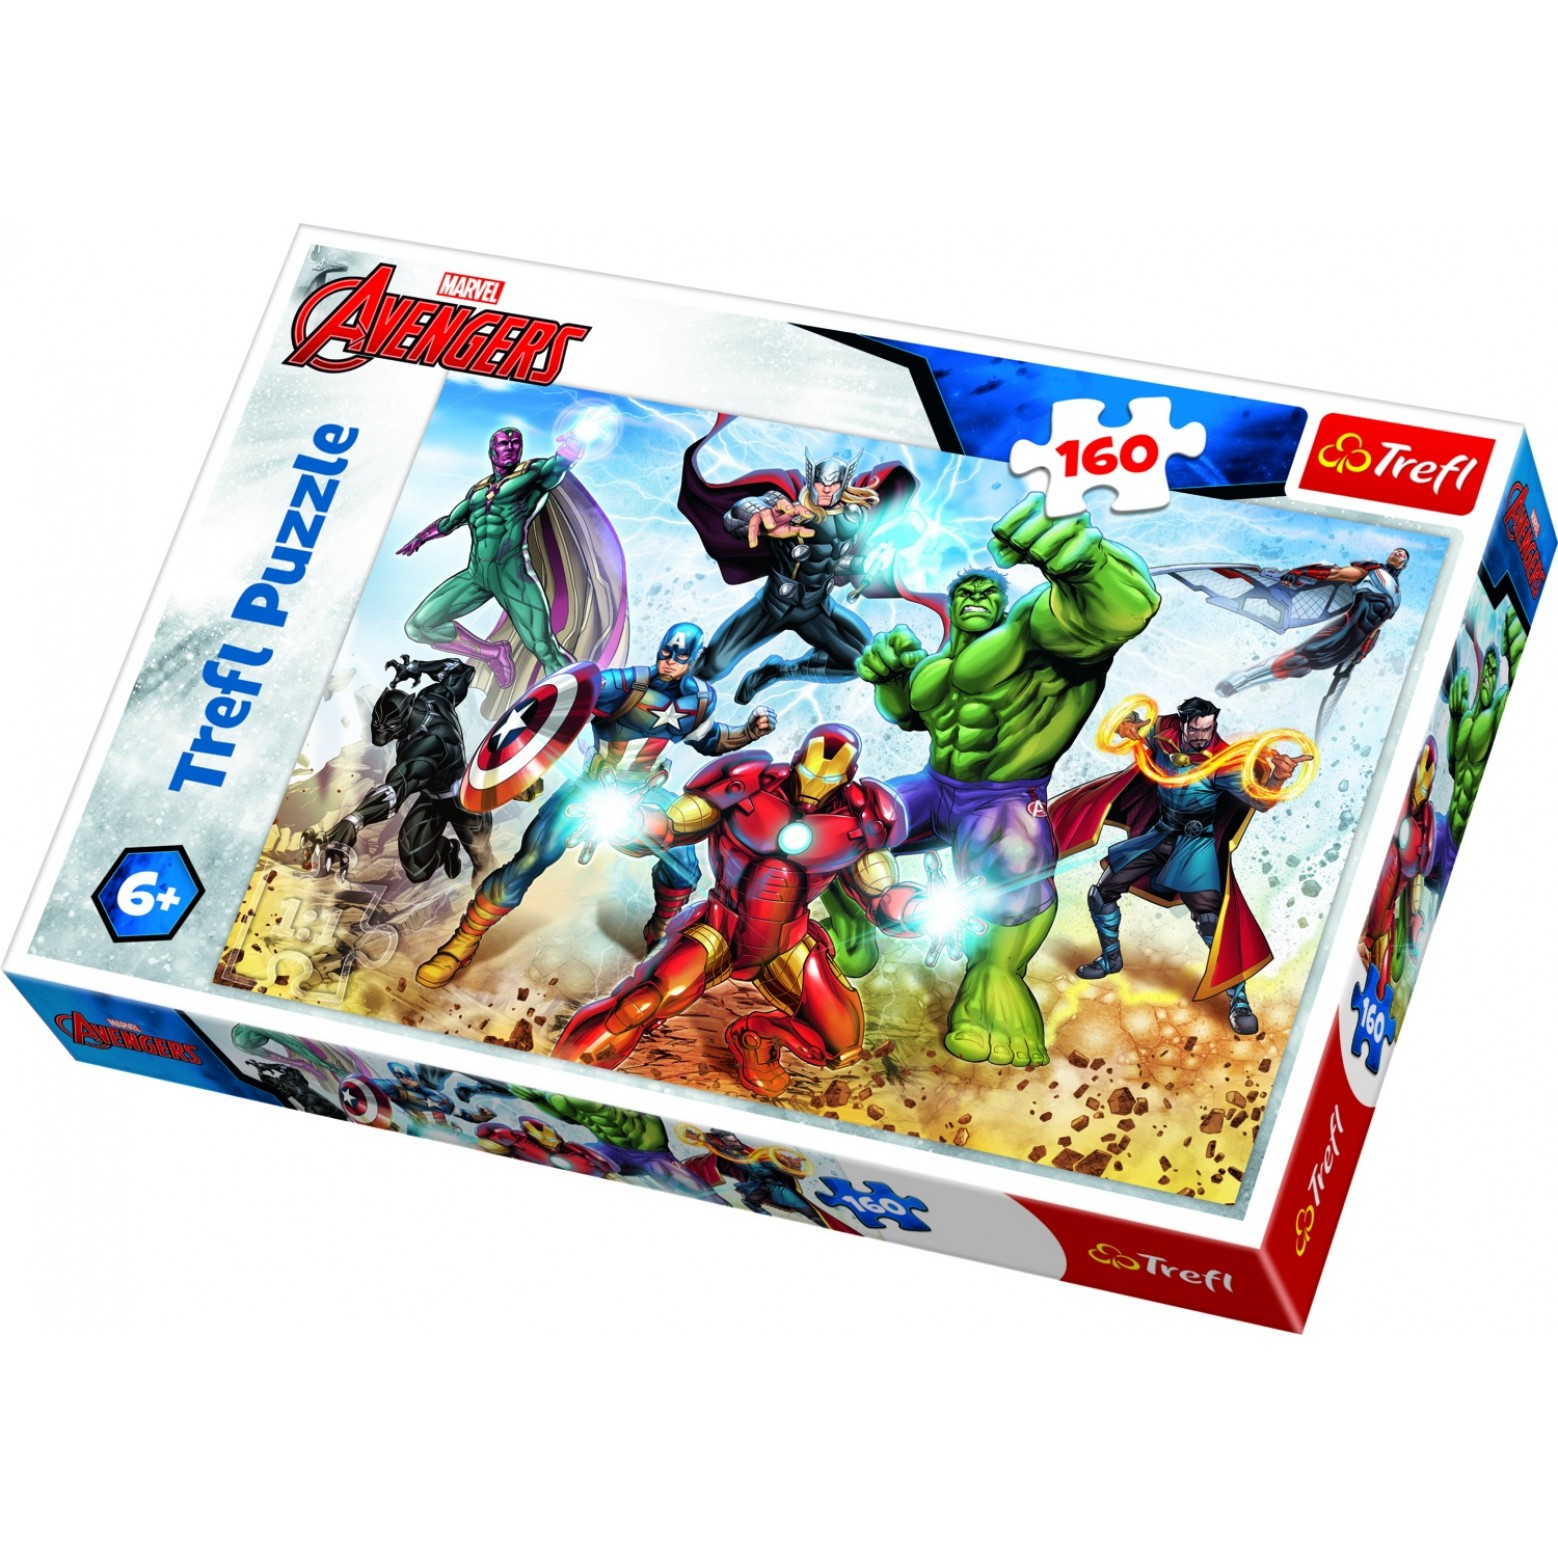 Marvel Avengers puzzel 160 stukjes 6+